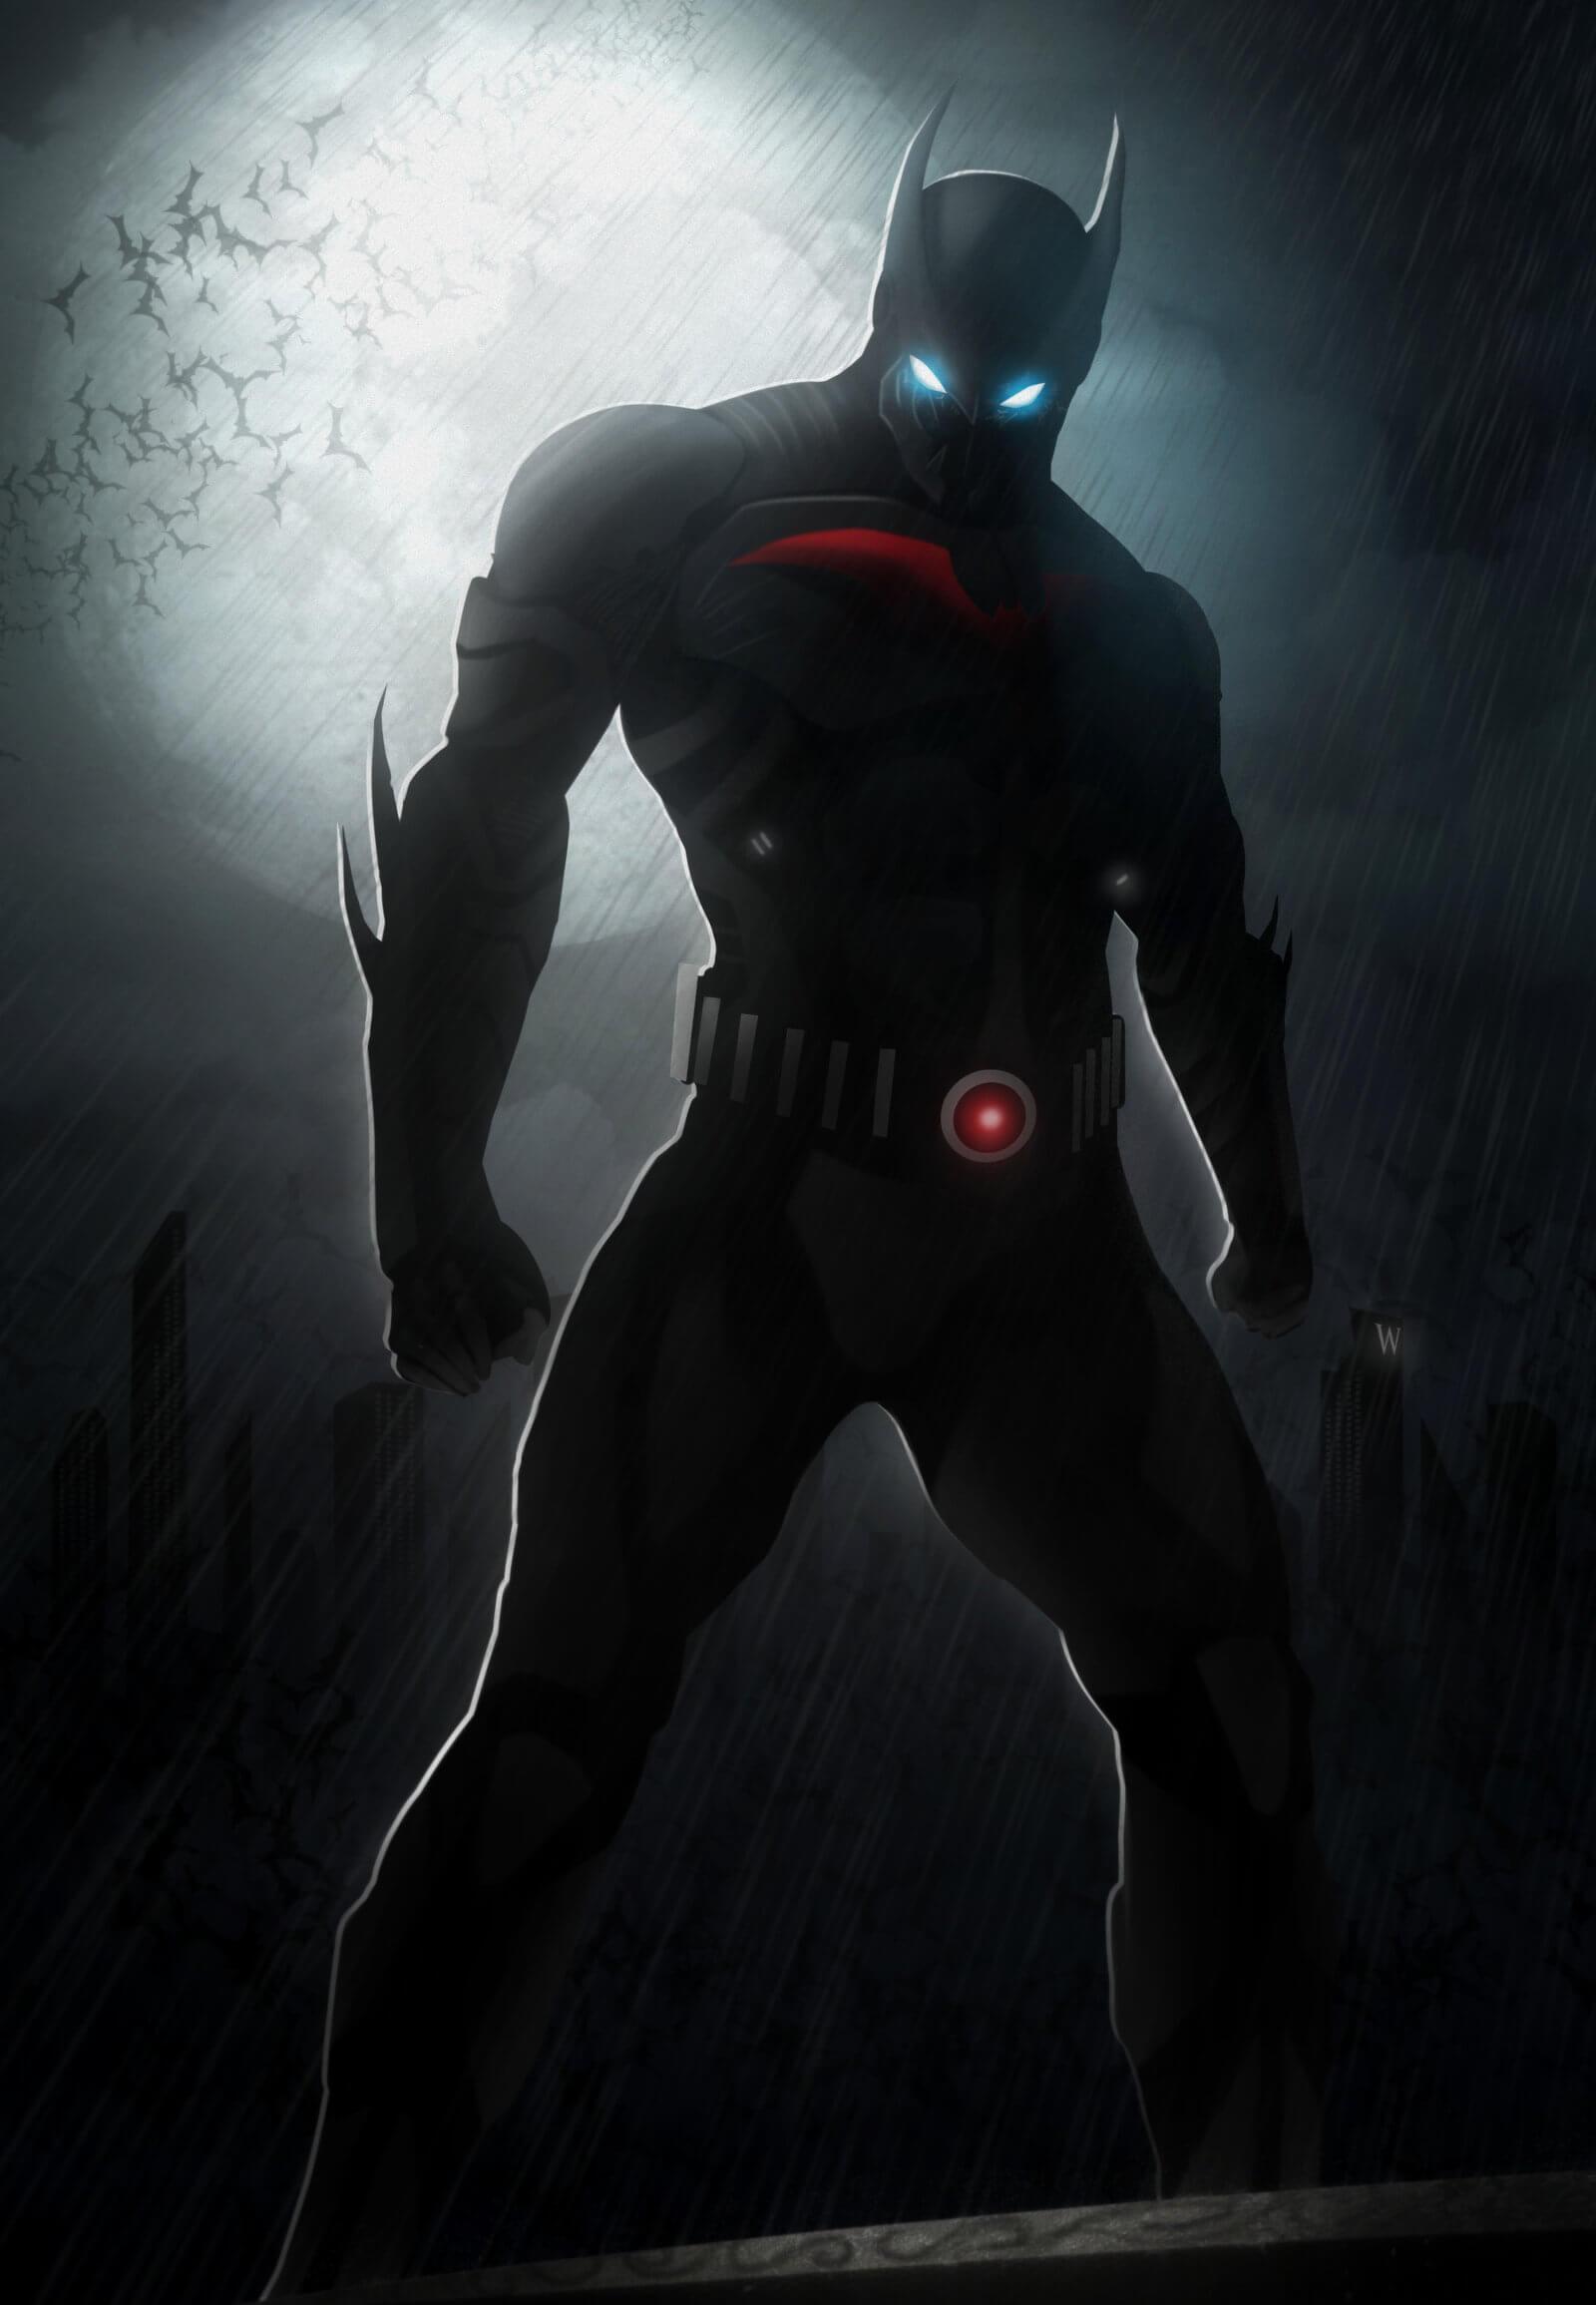 Красивые картинки бэтмен в хорошем качестве 6